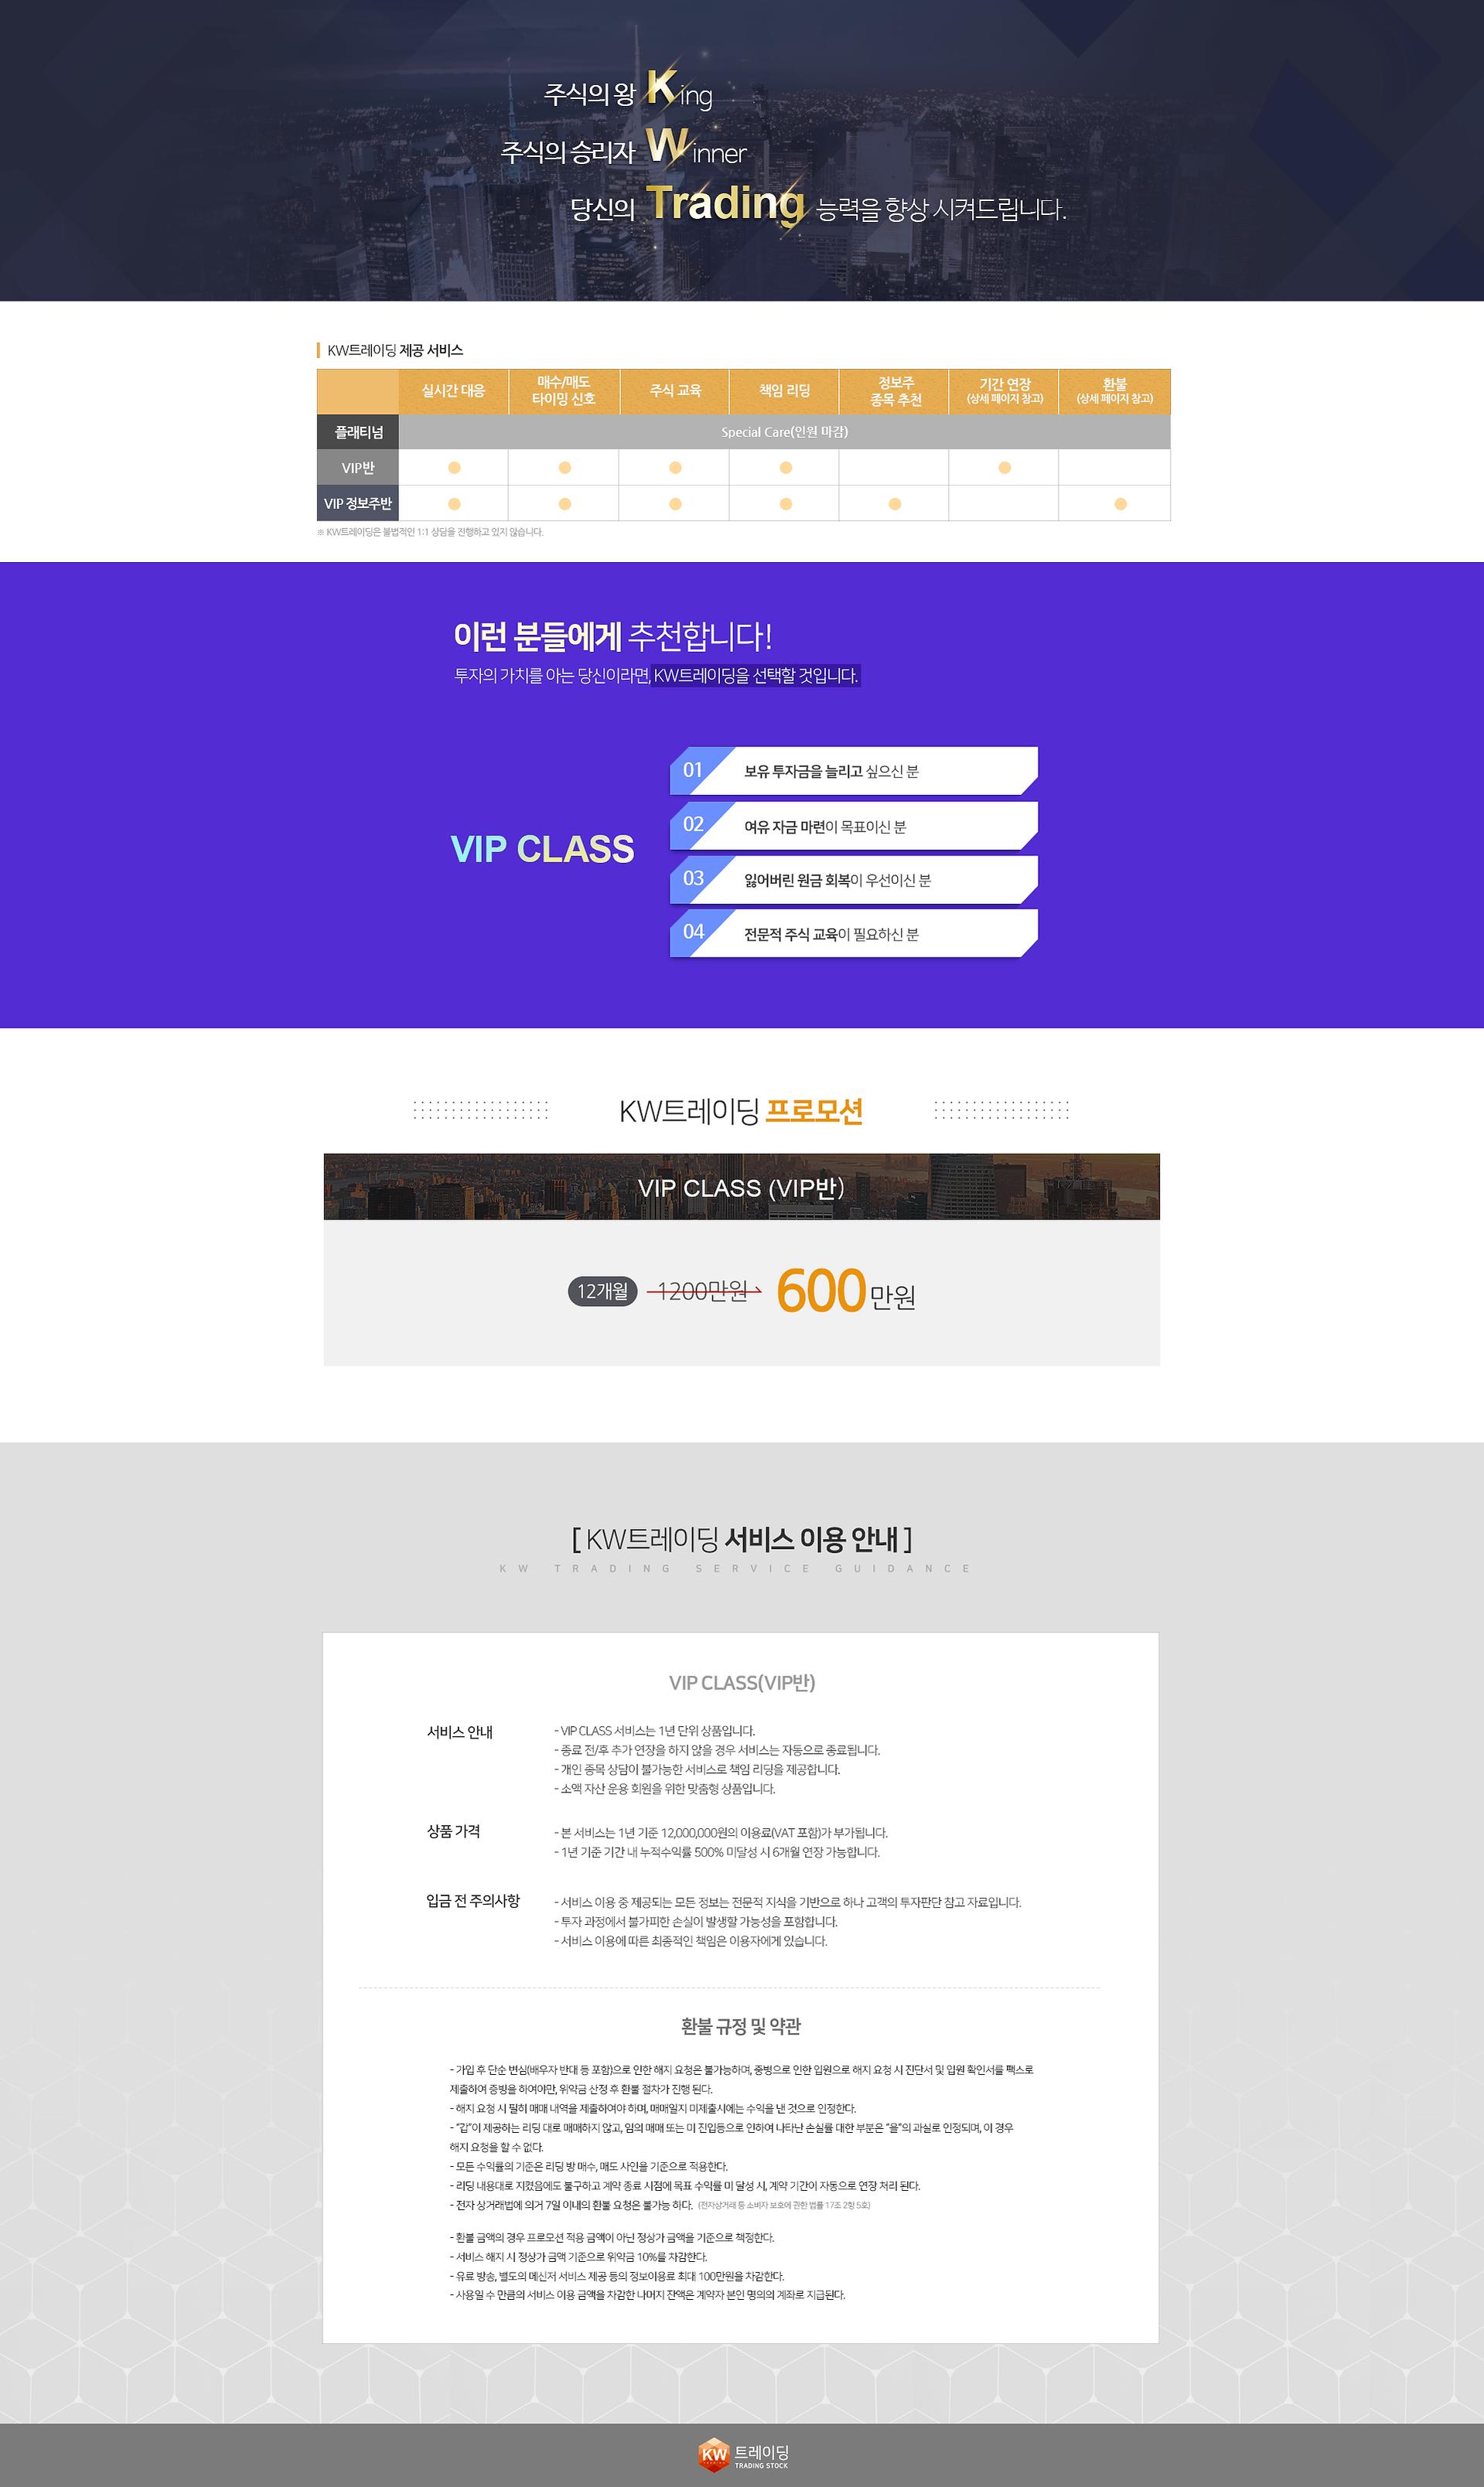 VIP반 요금 정책(20191105 수정).png